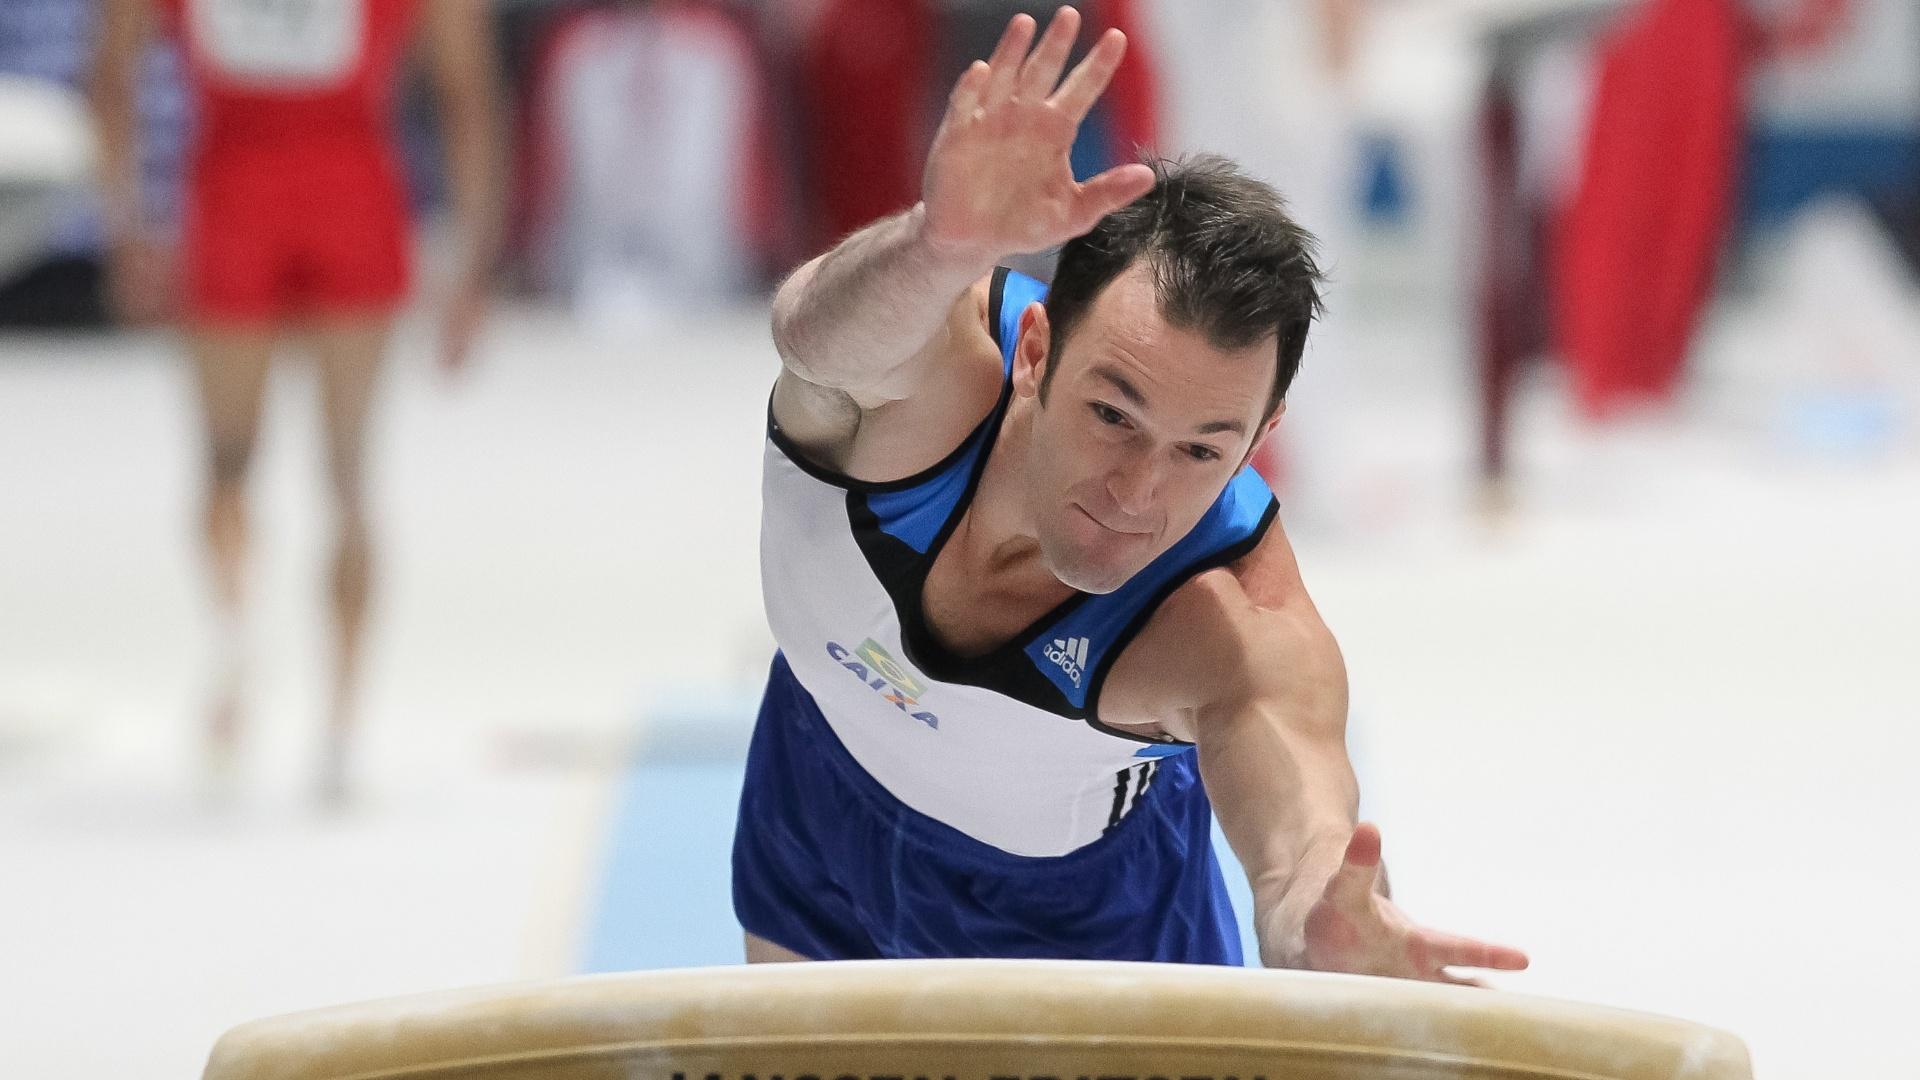 01.10.2013 - Diego Hypolito avançou à final do salto com a quinta melhor nota das eliminatórias